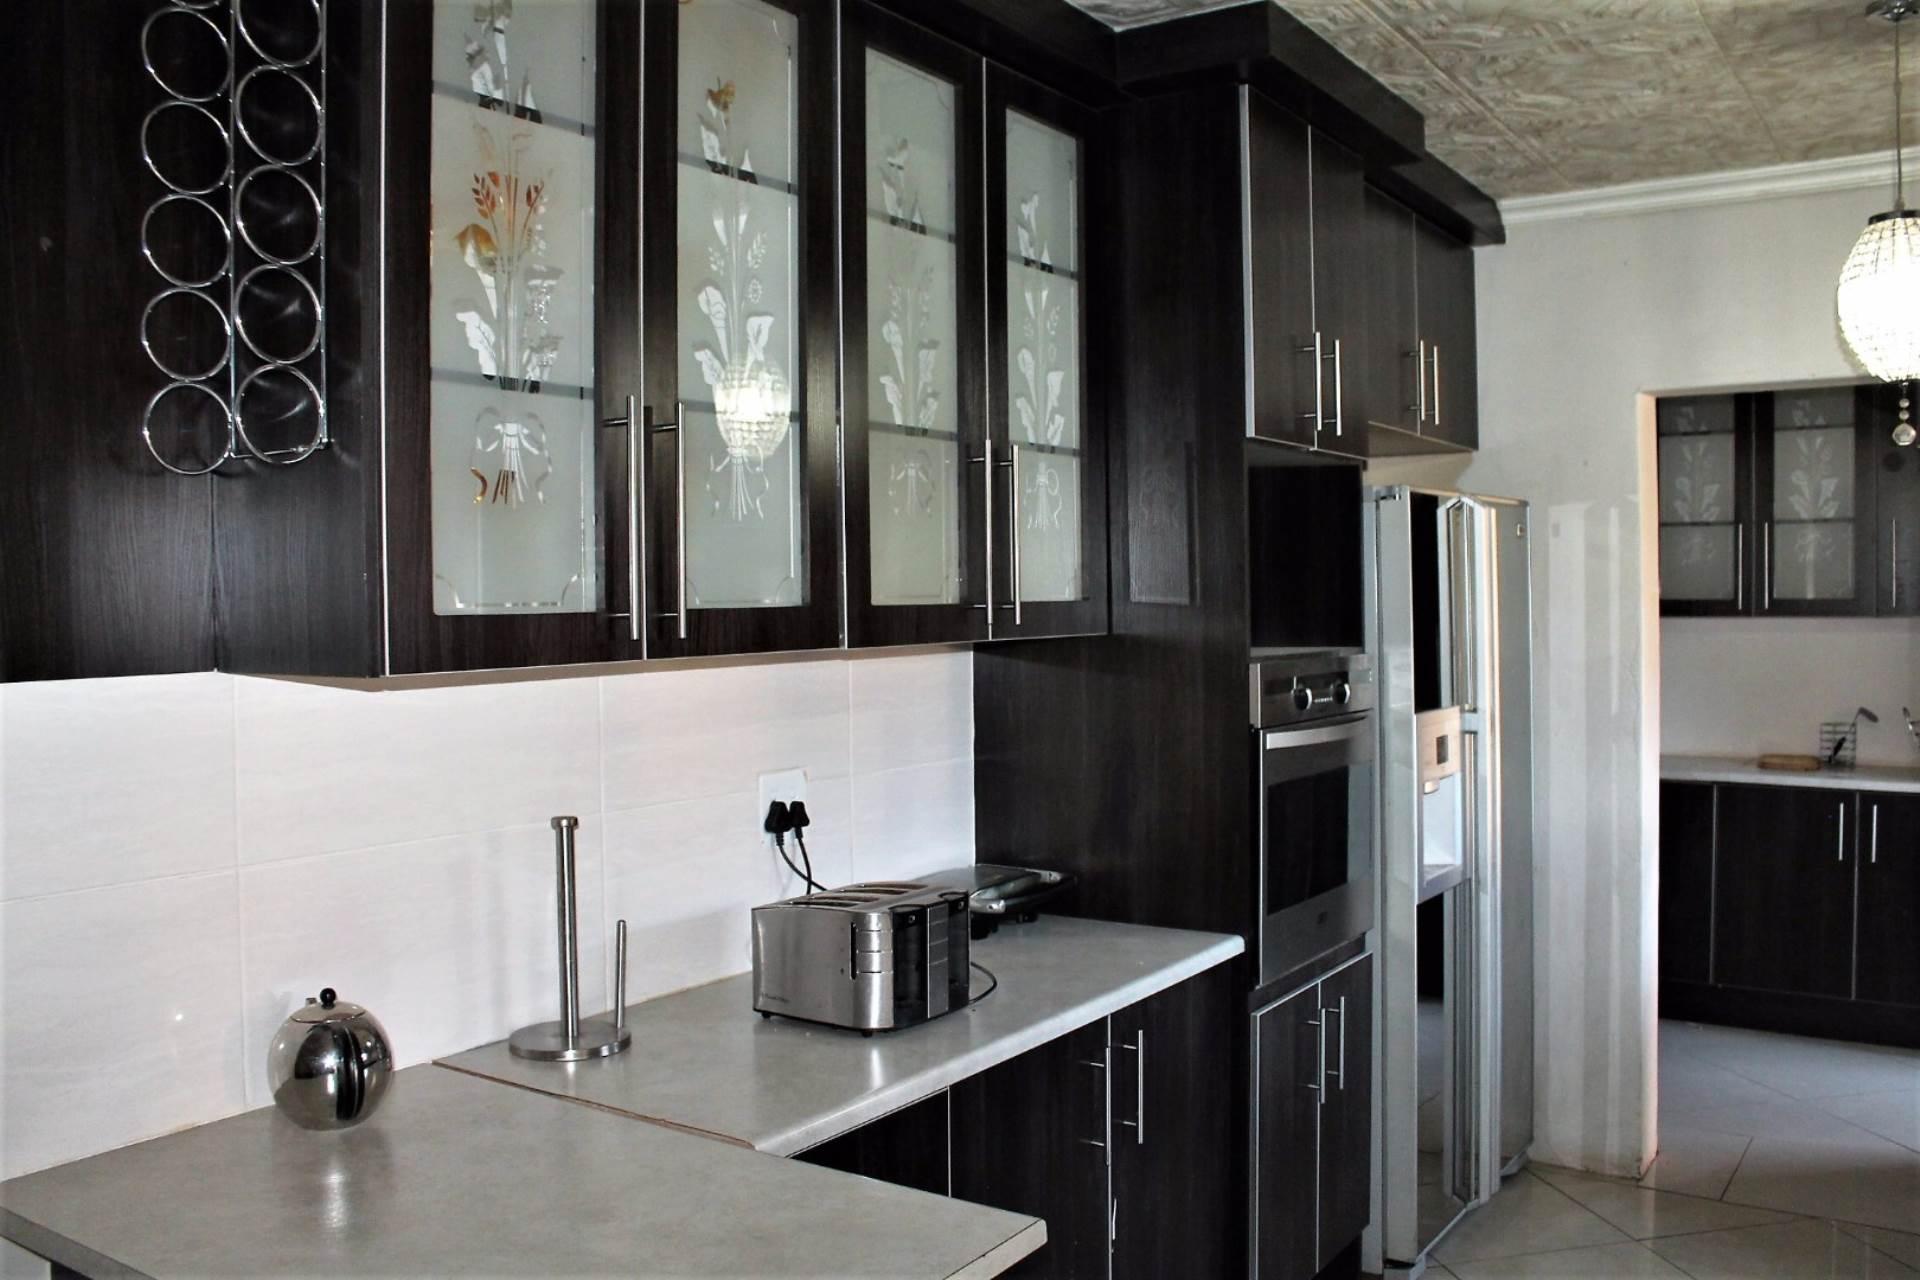 Akasia, Amandasig Property  | Houses For Sale Amandasig, AMANDASIG, House 3 bedrooms property for sale Price:1,440,000